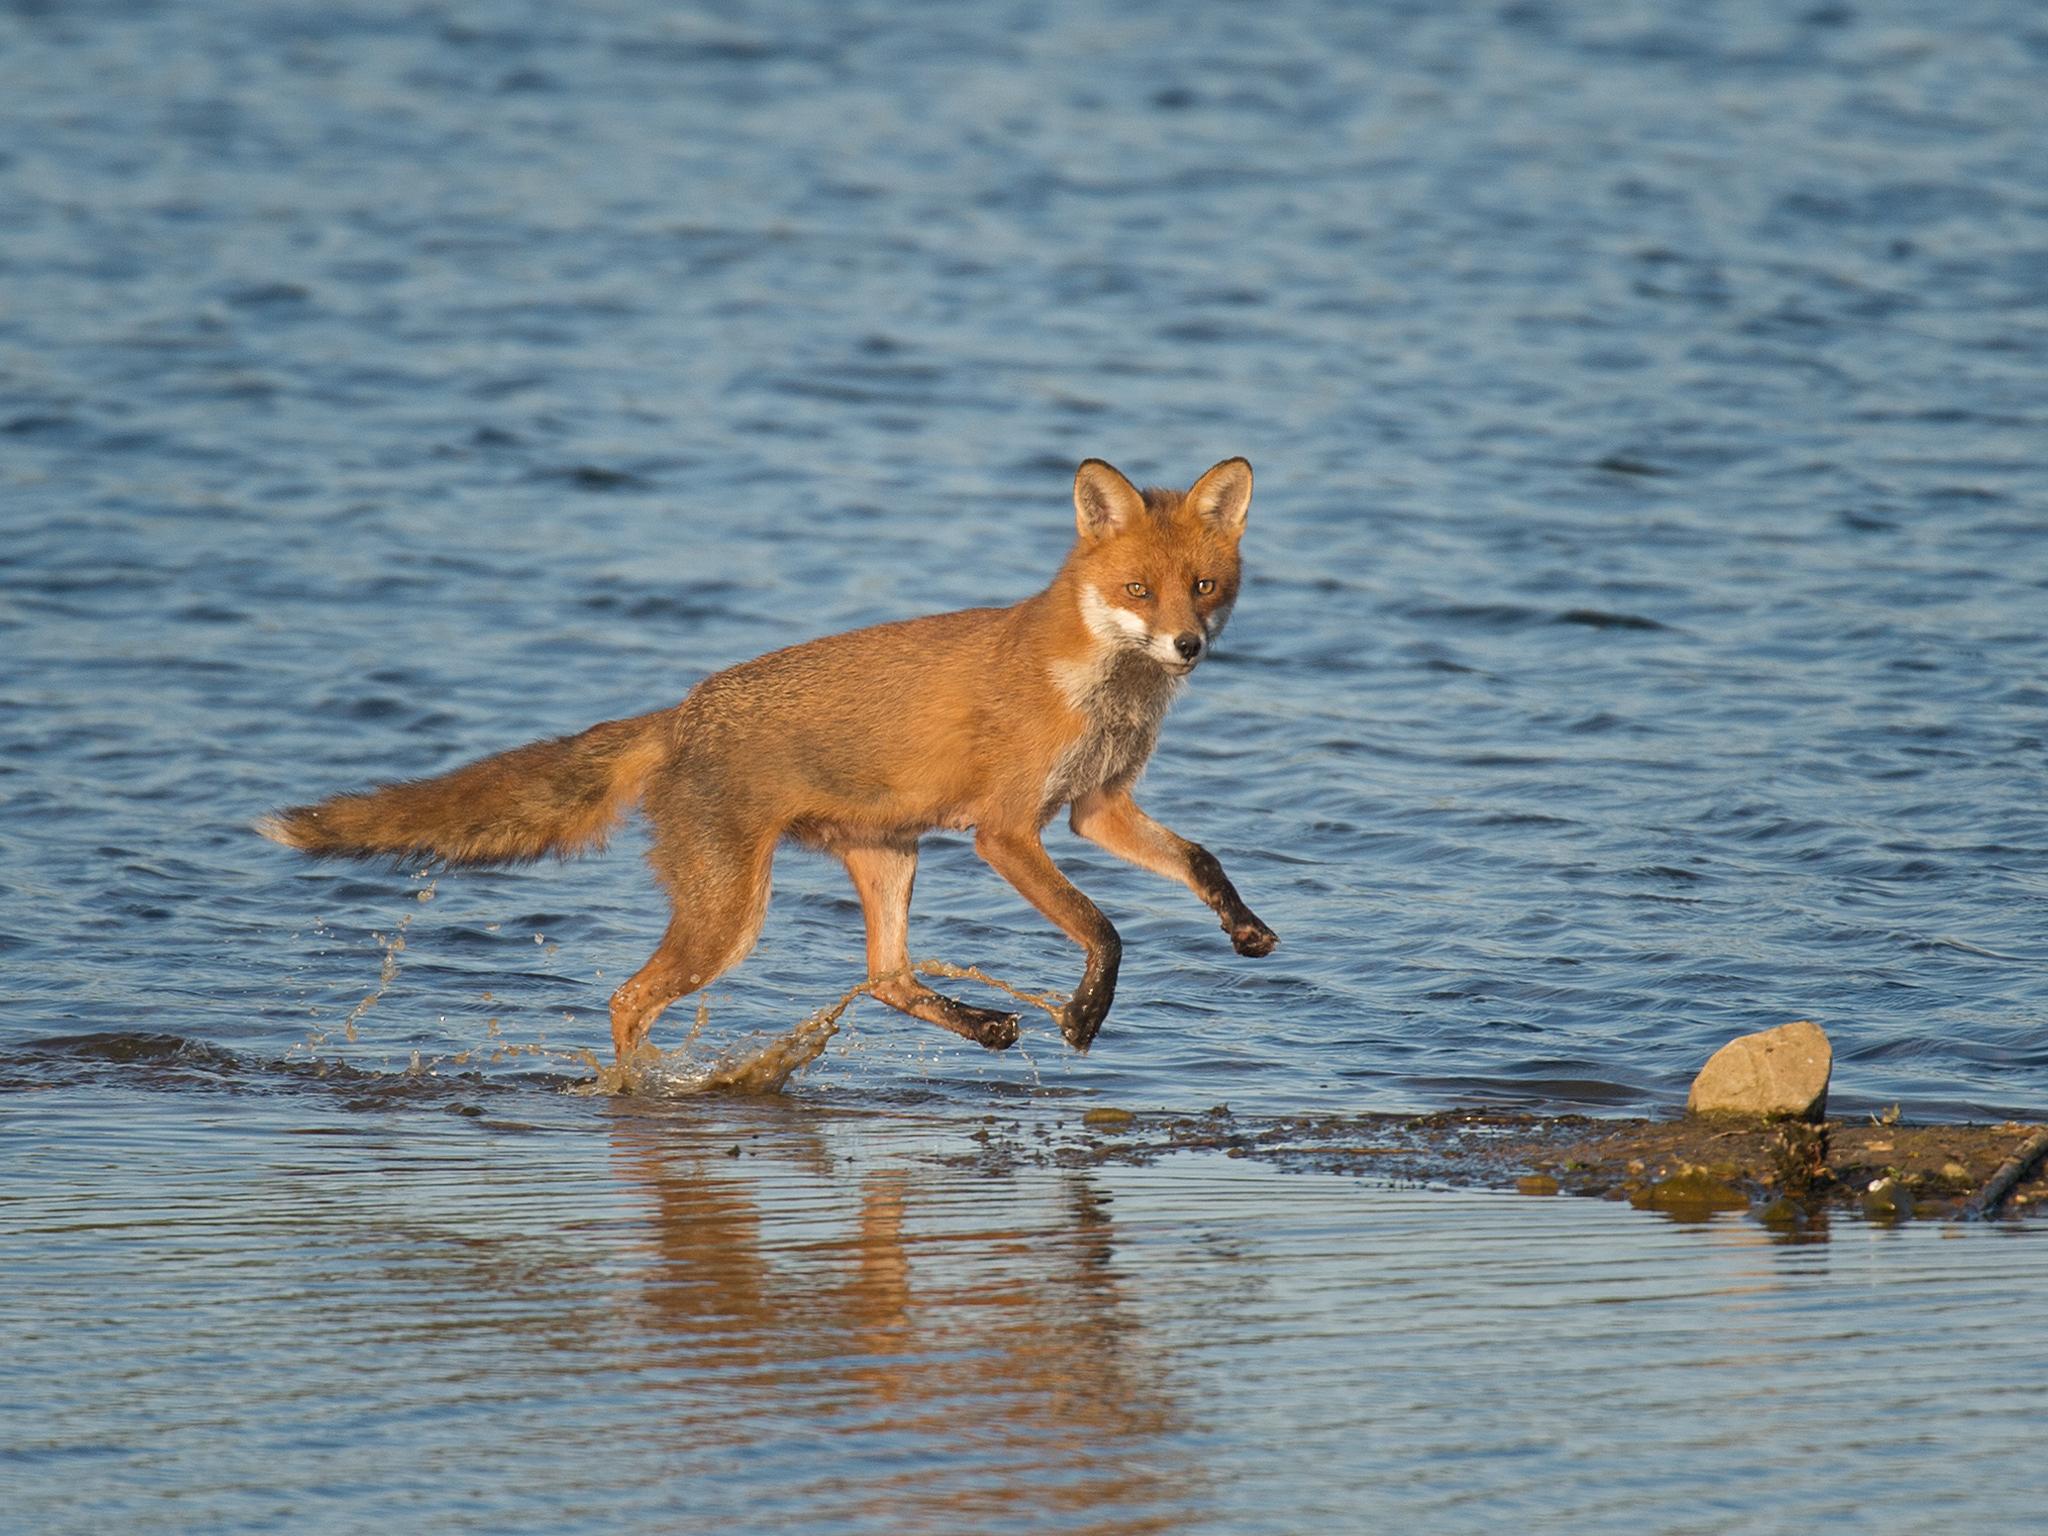 Fox - paddling pose